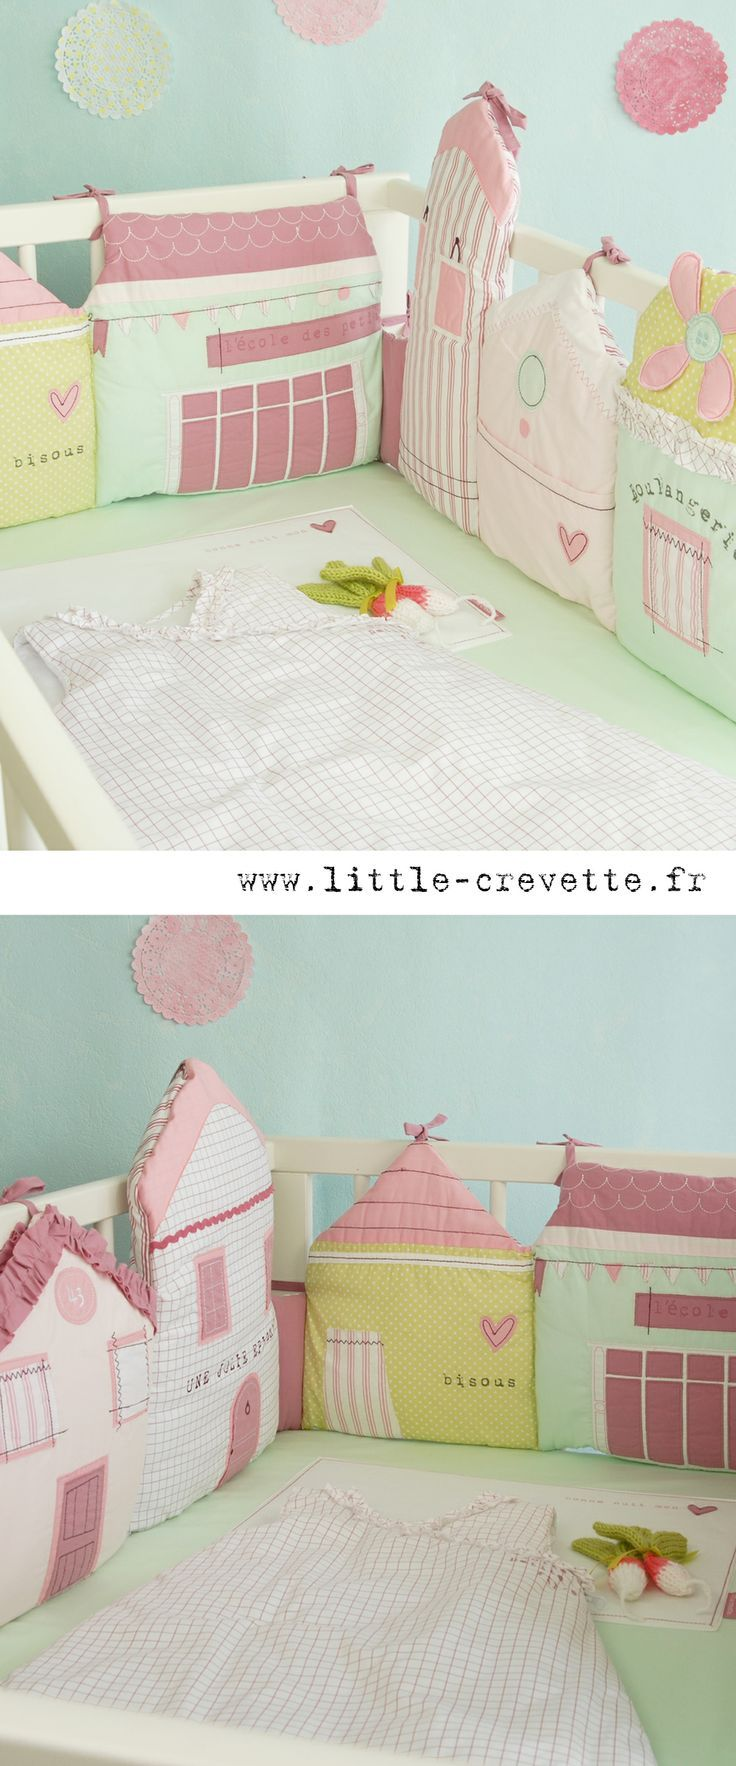 Kit Berço para decorar quarto de bebê48